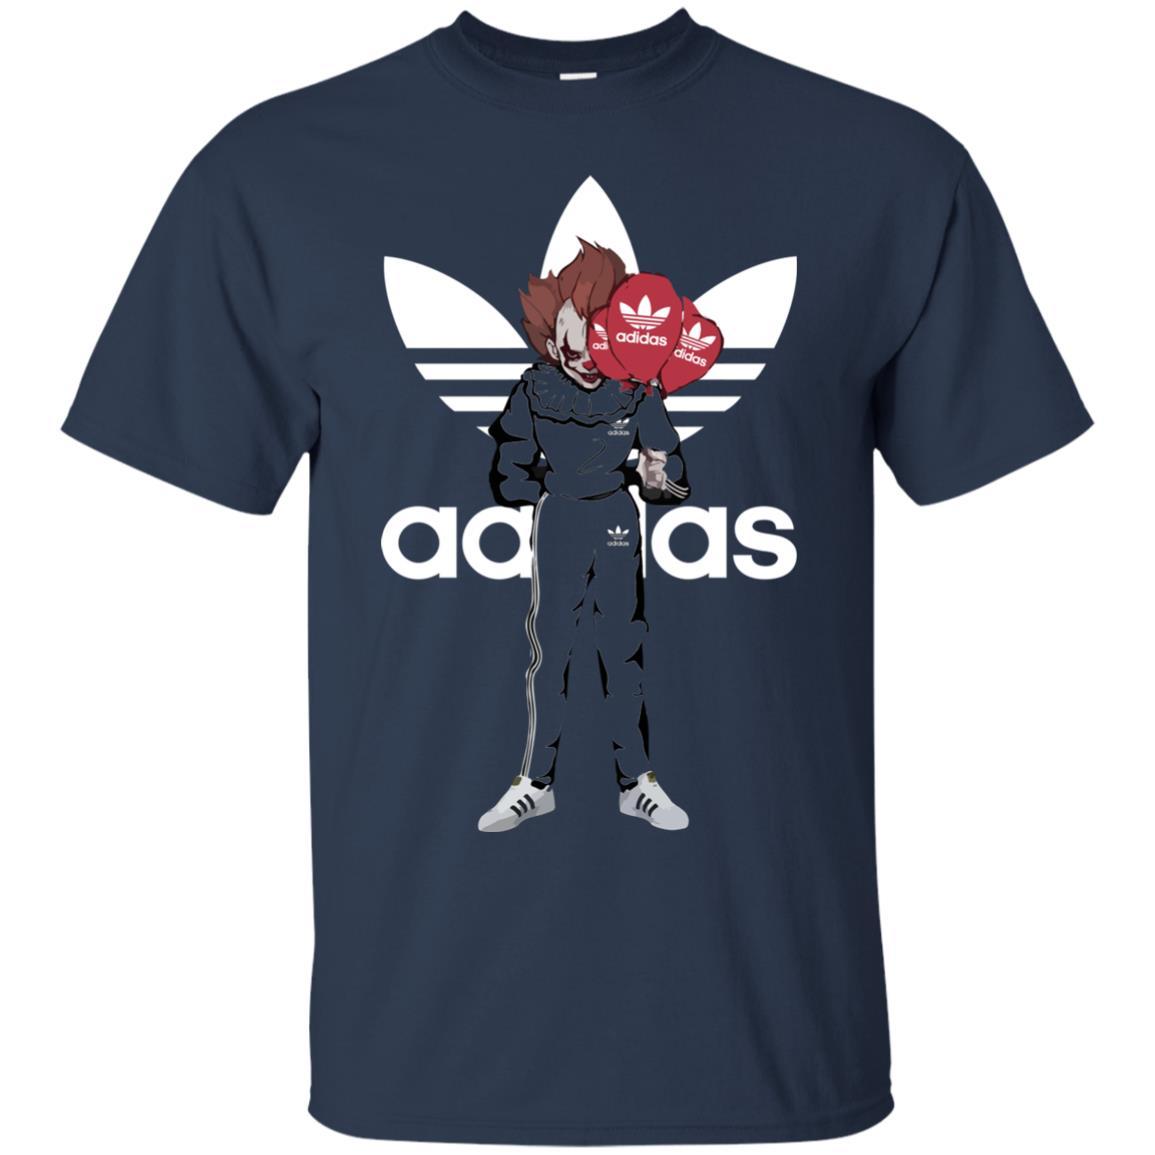 Sweatshirts Pennywise Rockatee Adidas It Shirt g71Y7PR